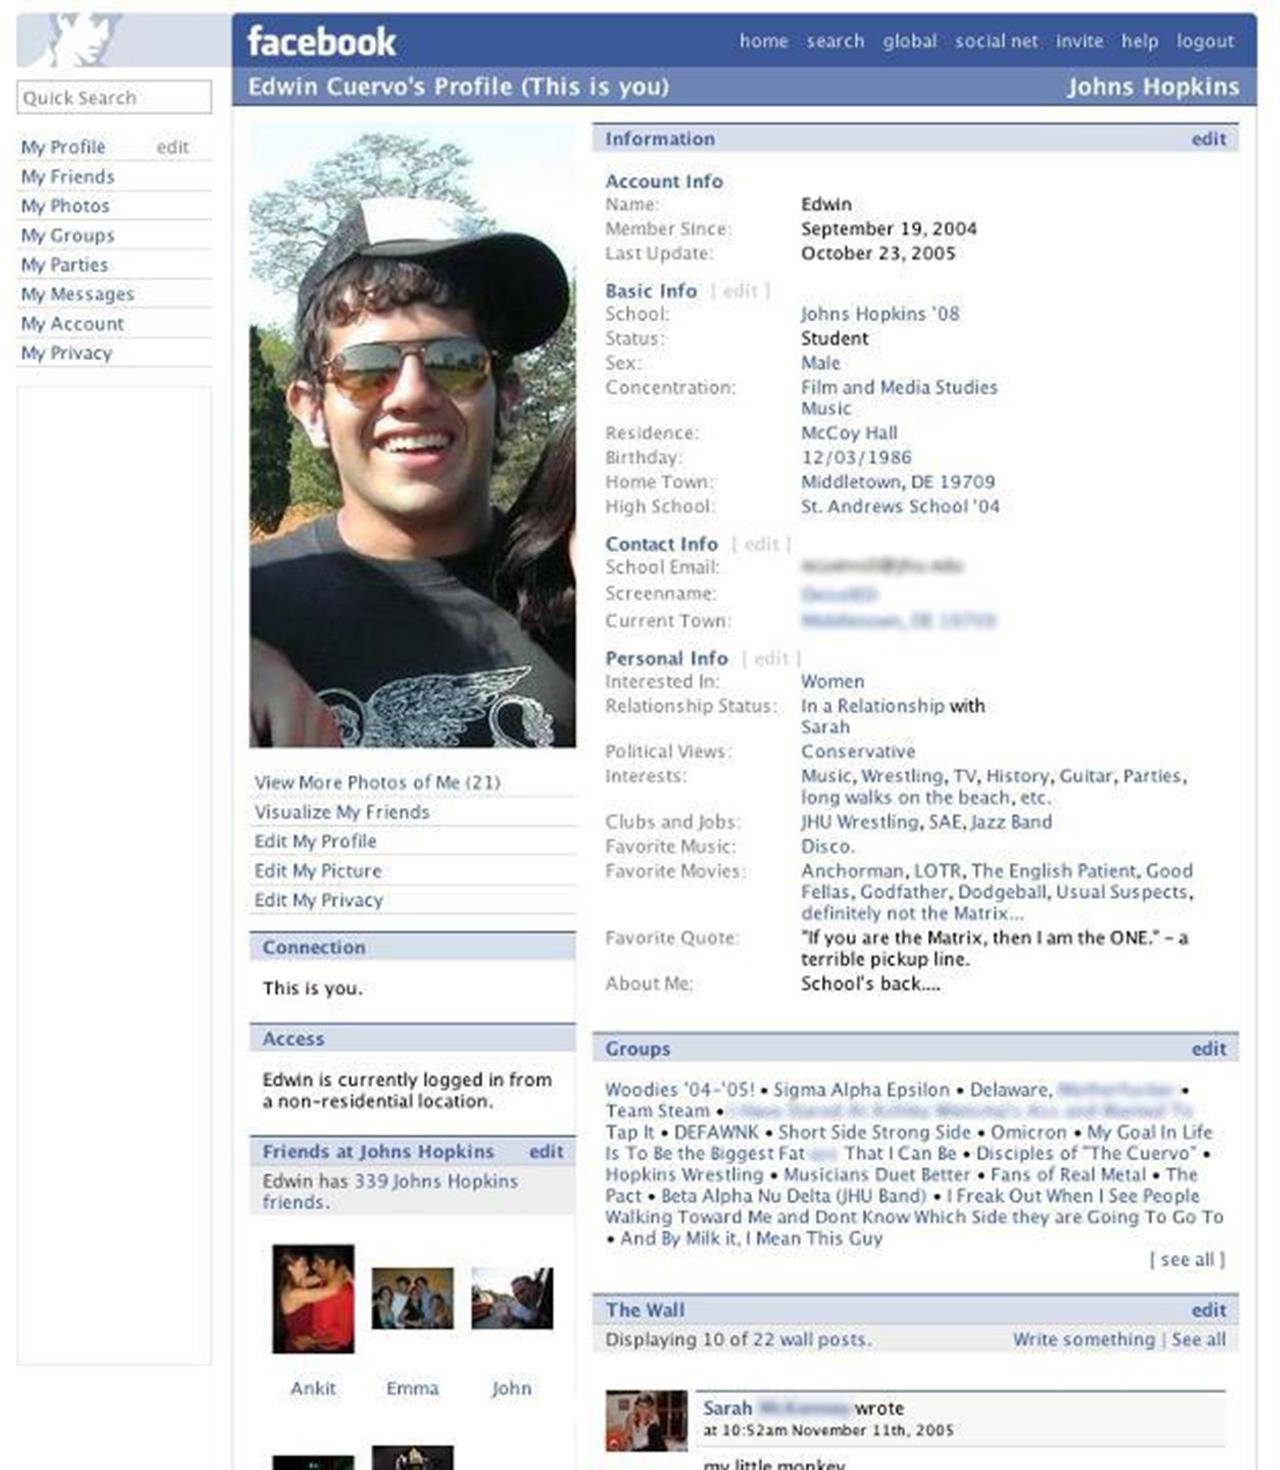 10 évvel később: A Facebook kinézetének evolúciója